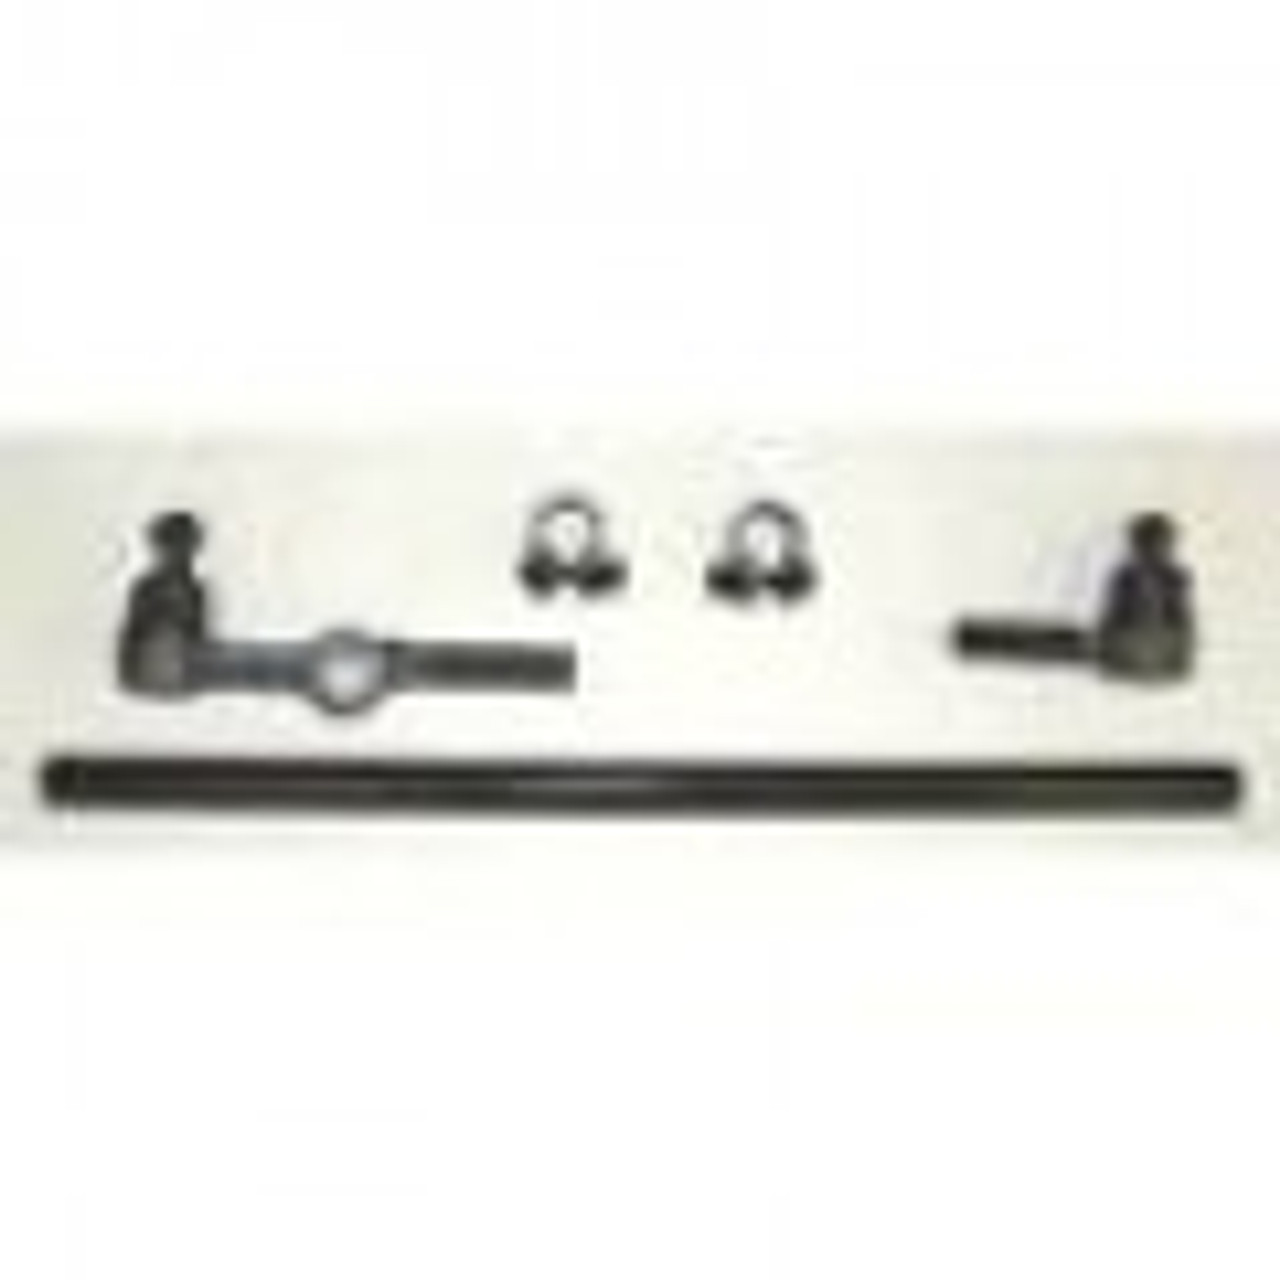 Tie Rod Assemblies & Components